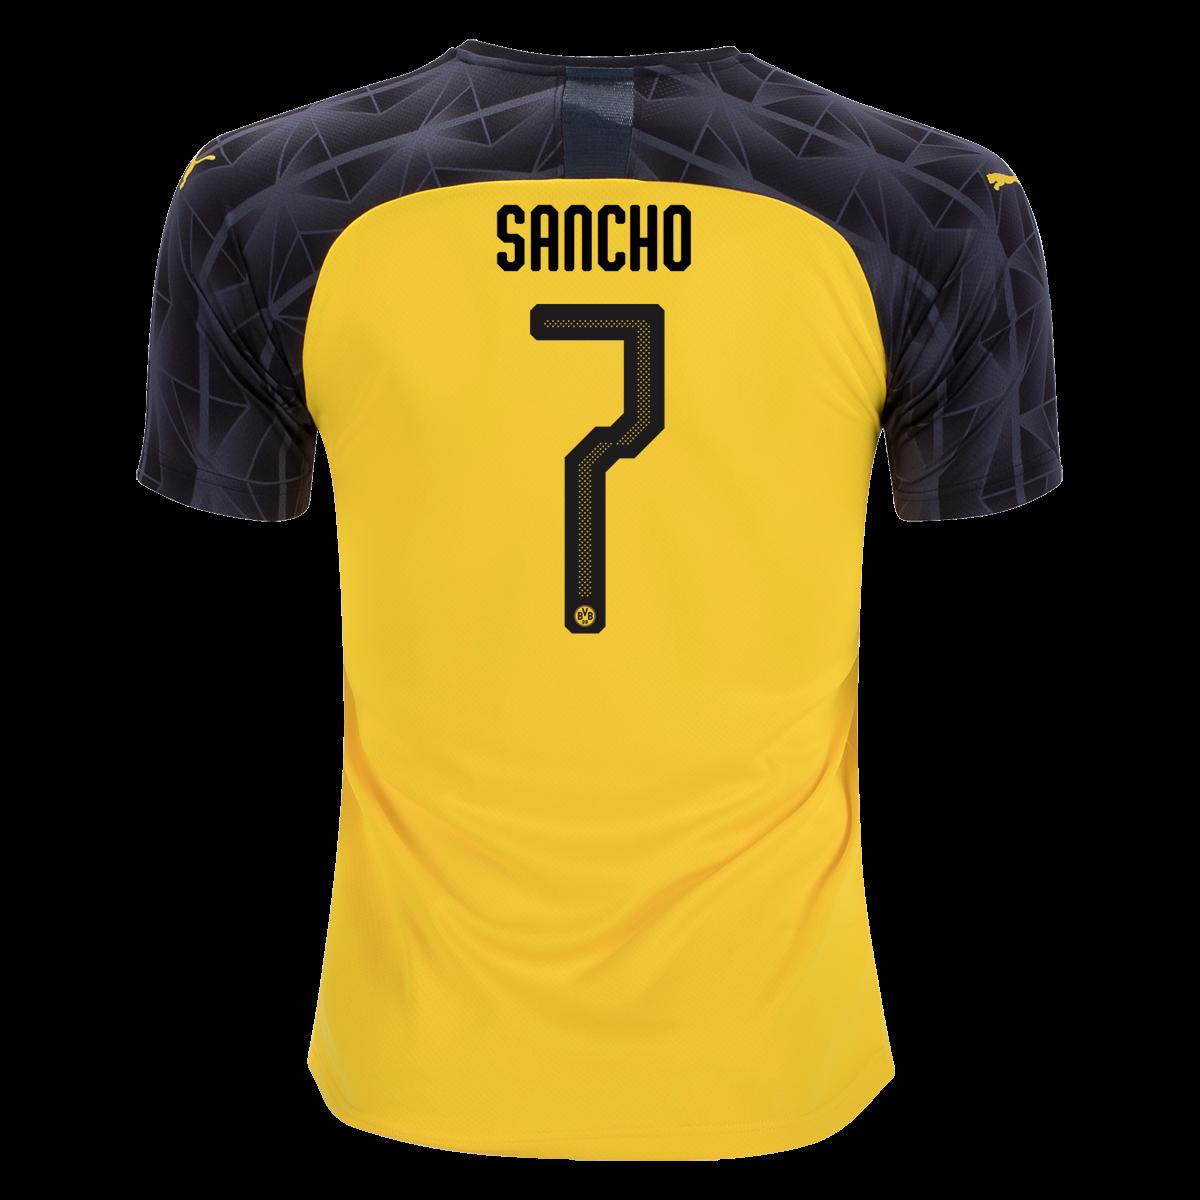 Puma Jadon Sancho Borussia Dortmund Ucl Jersey 19 20 2xl In 2020 With Images Borussia Dortmund Dortmund Sancho